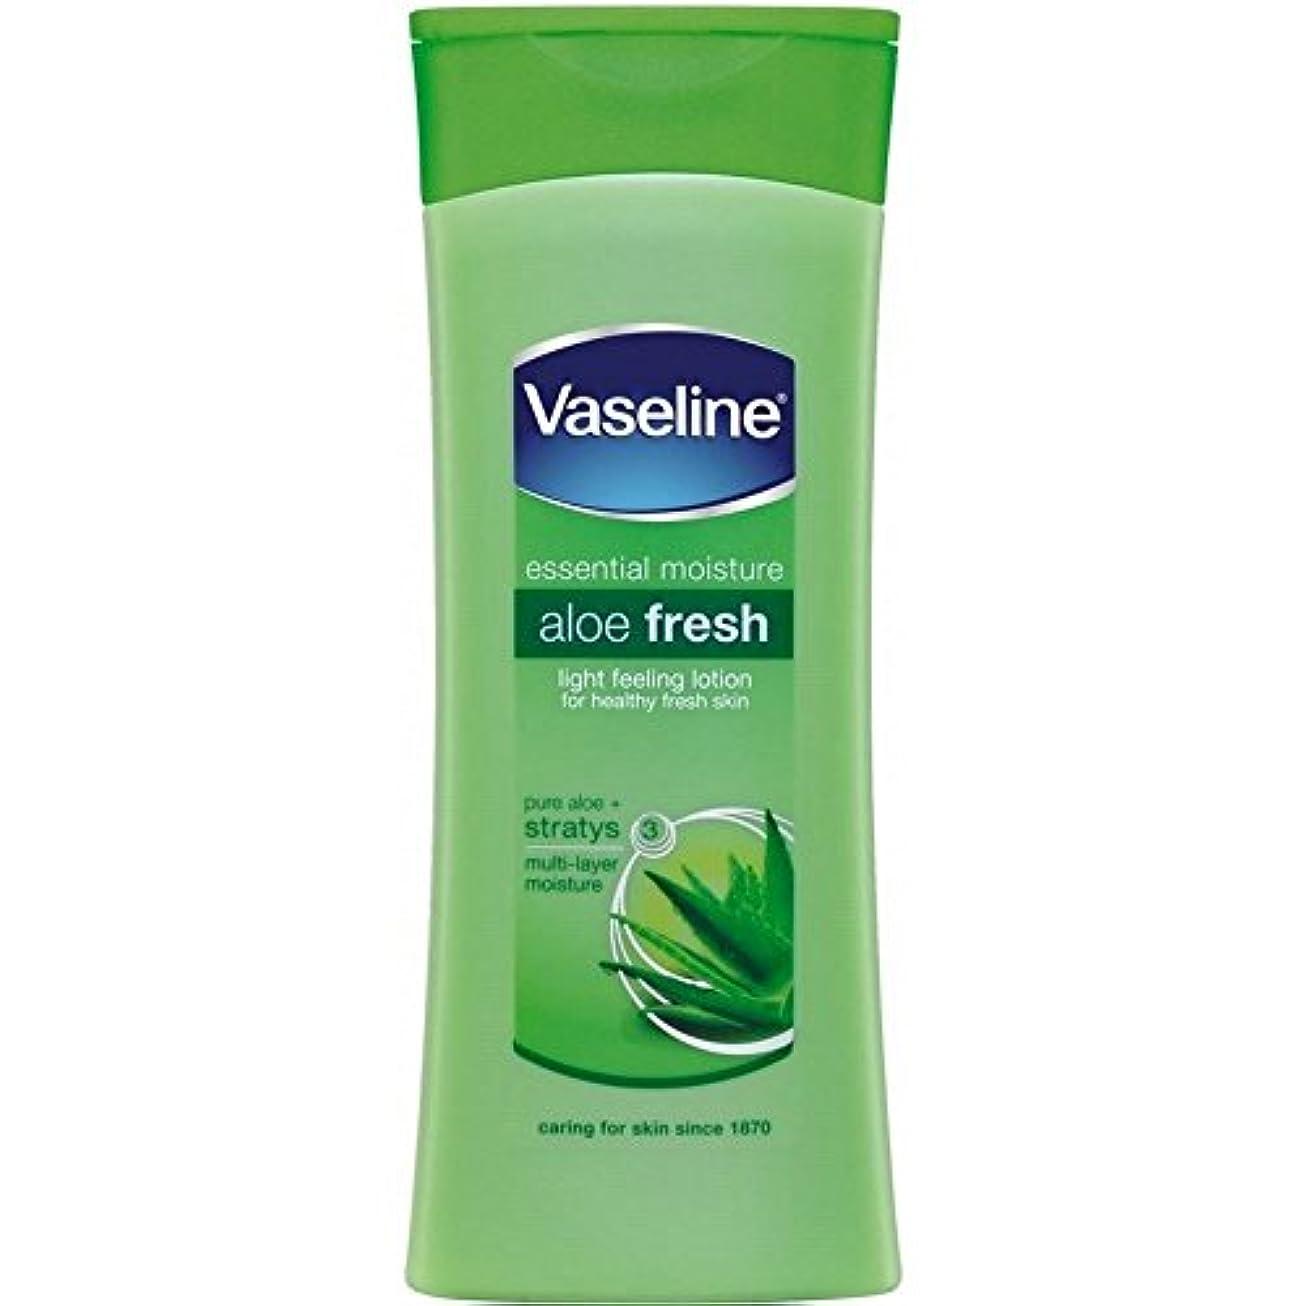 スキル感じ南方のVaseline Intensive Care Aloe Fresh Body Lotion (400ml) ワセリン集中治療アロエフレッシュボディローション( 400ミリリットル)